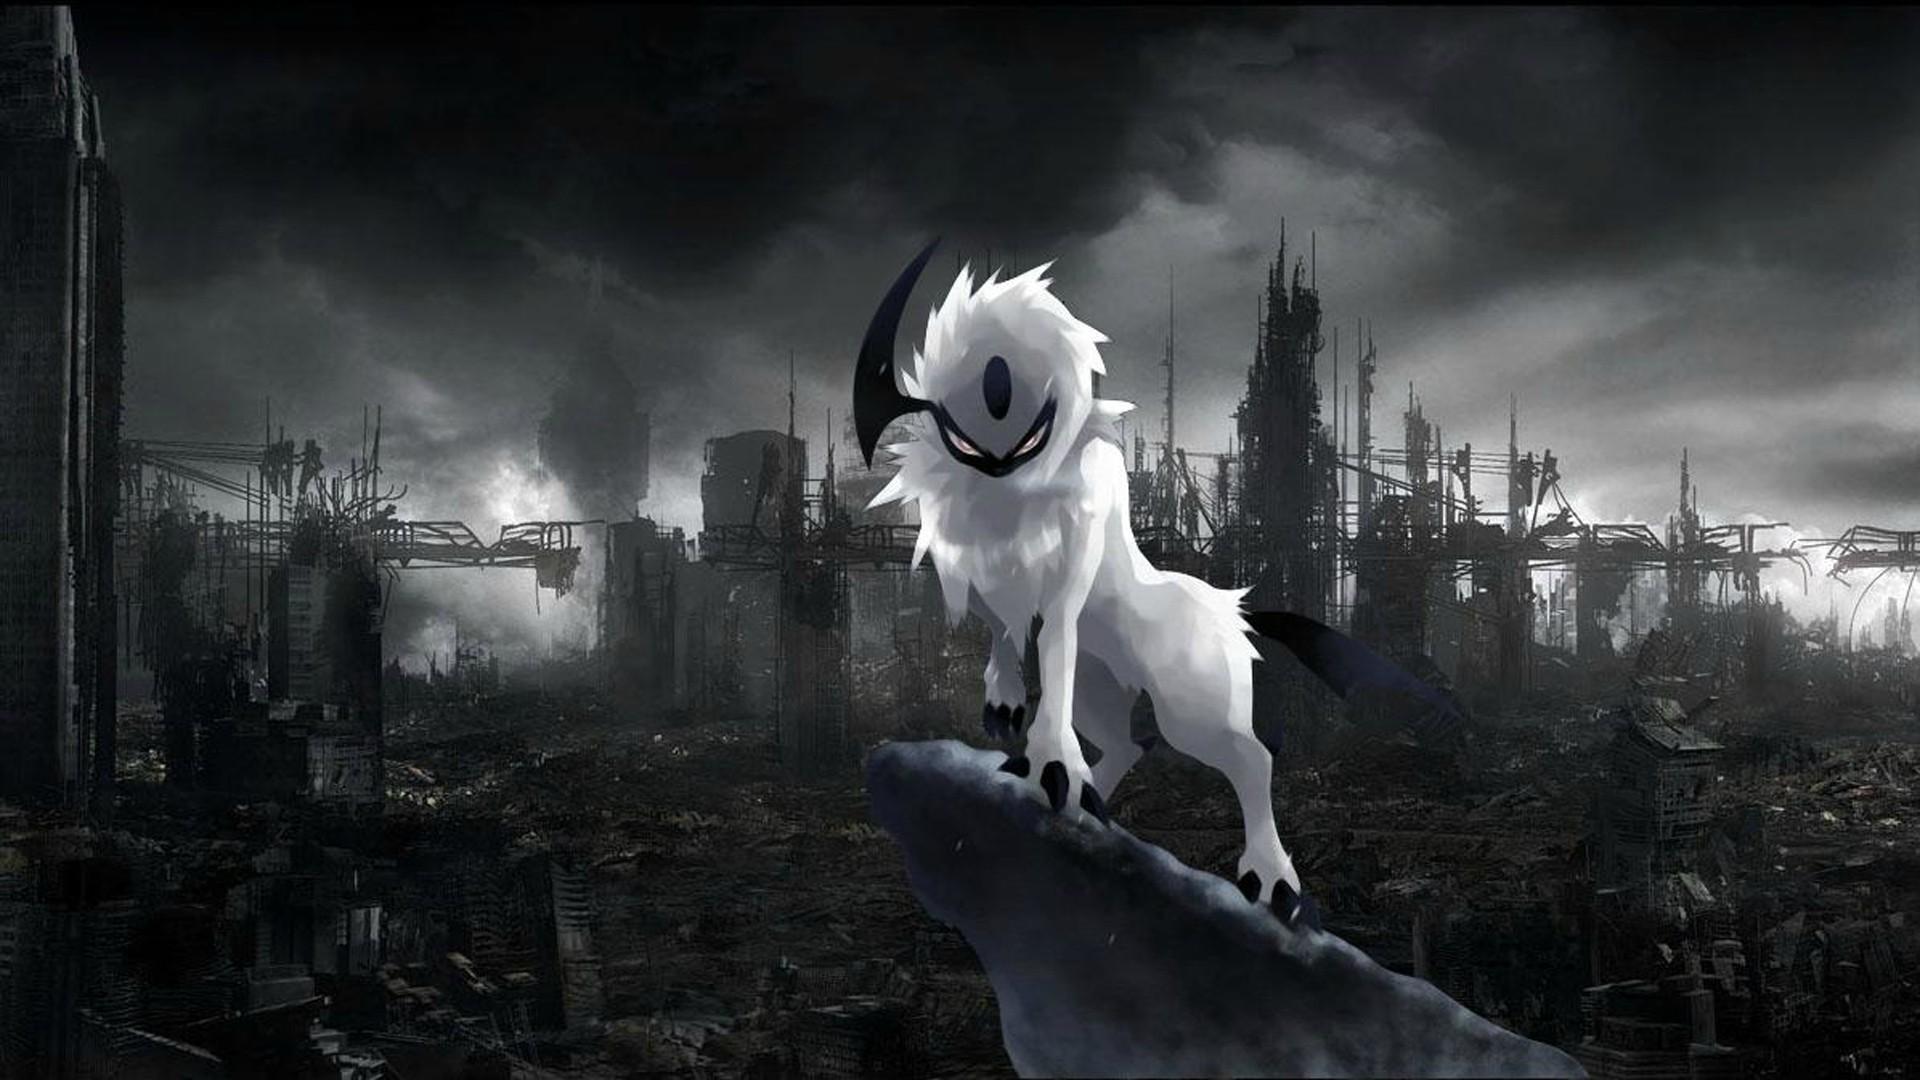 Pokémon Backgrounds